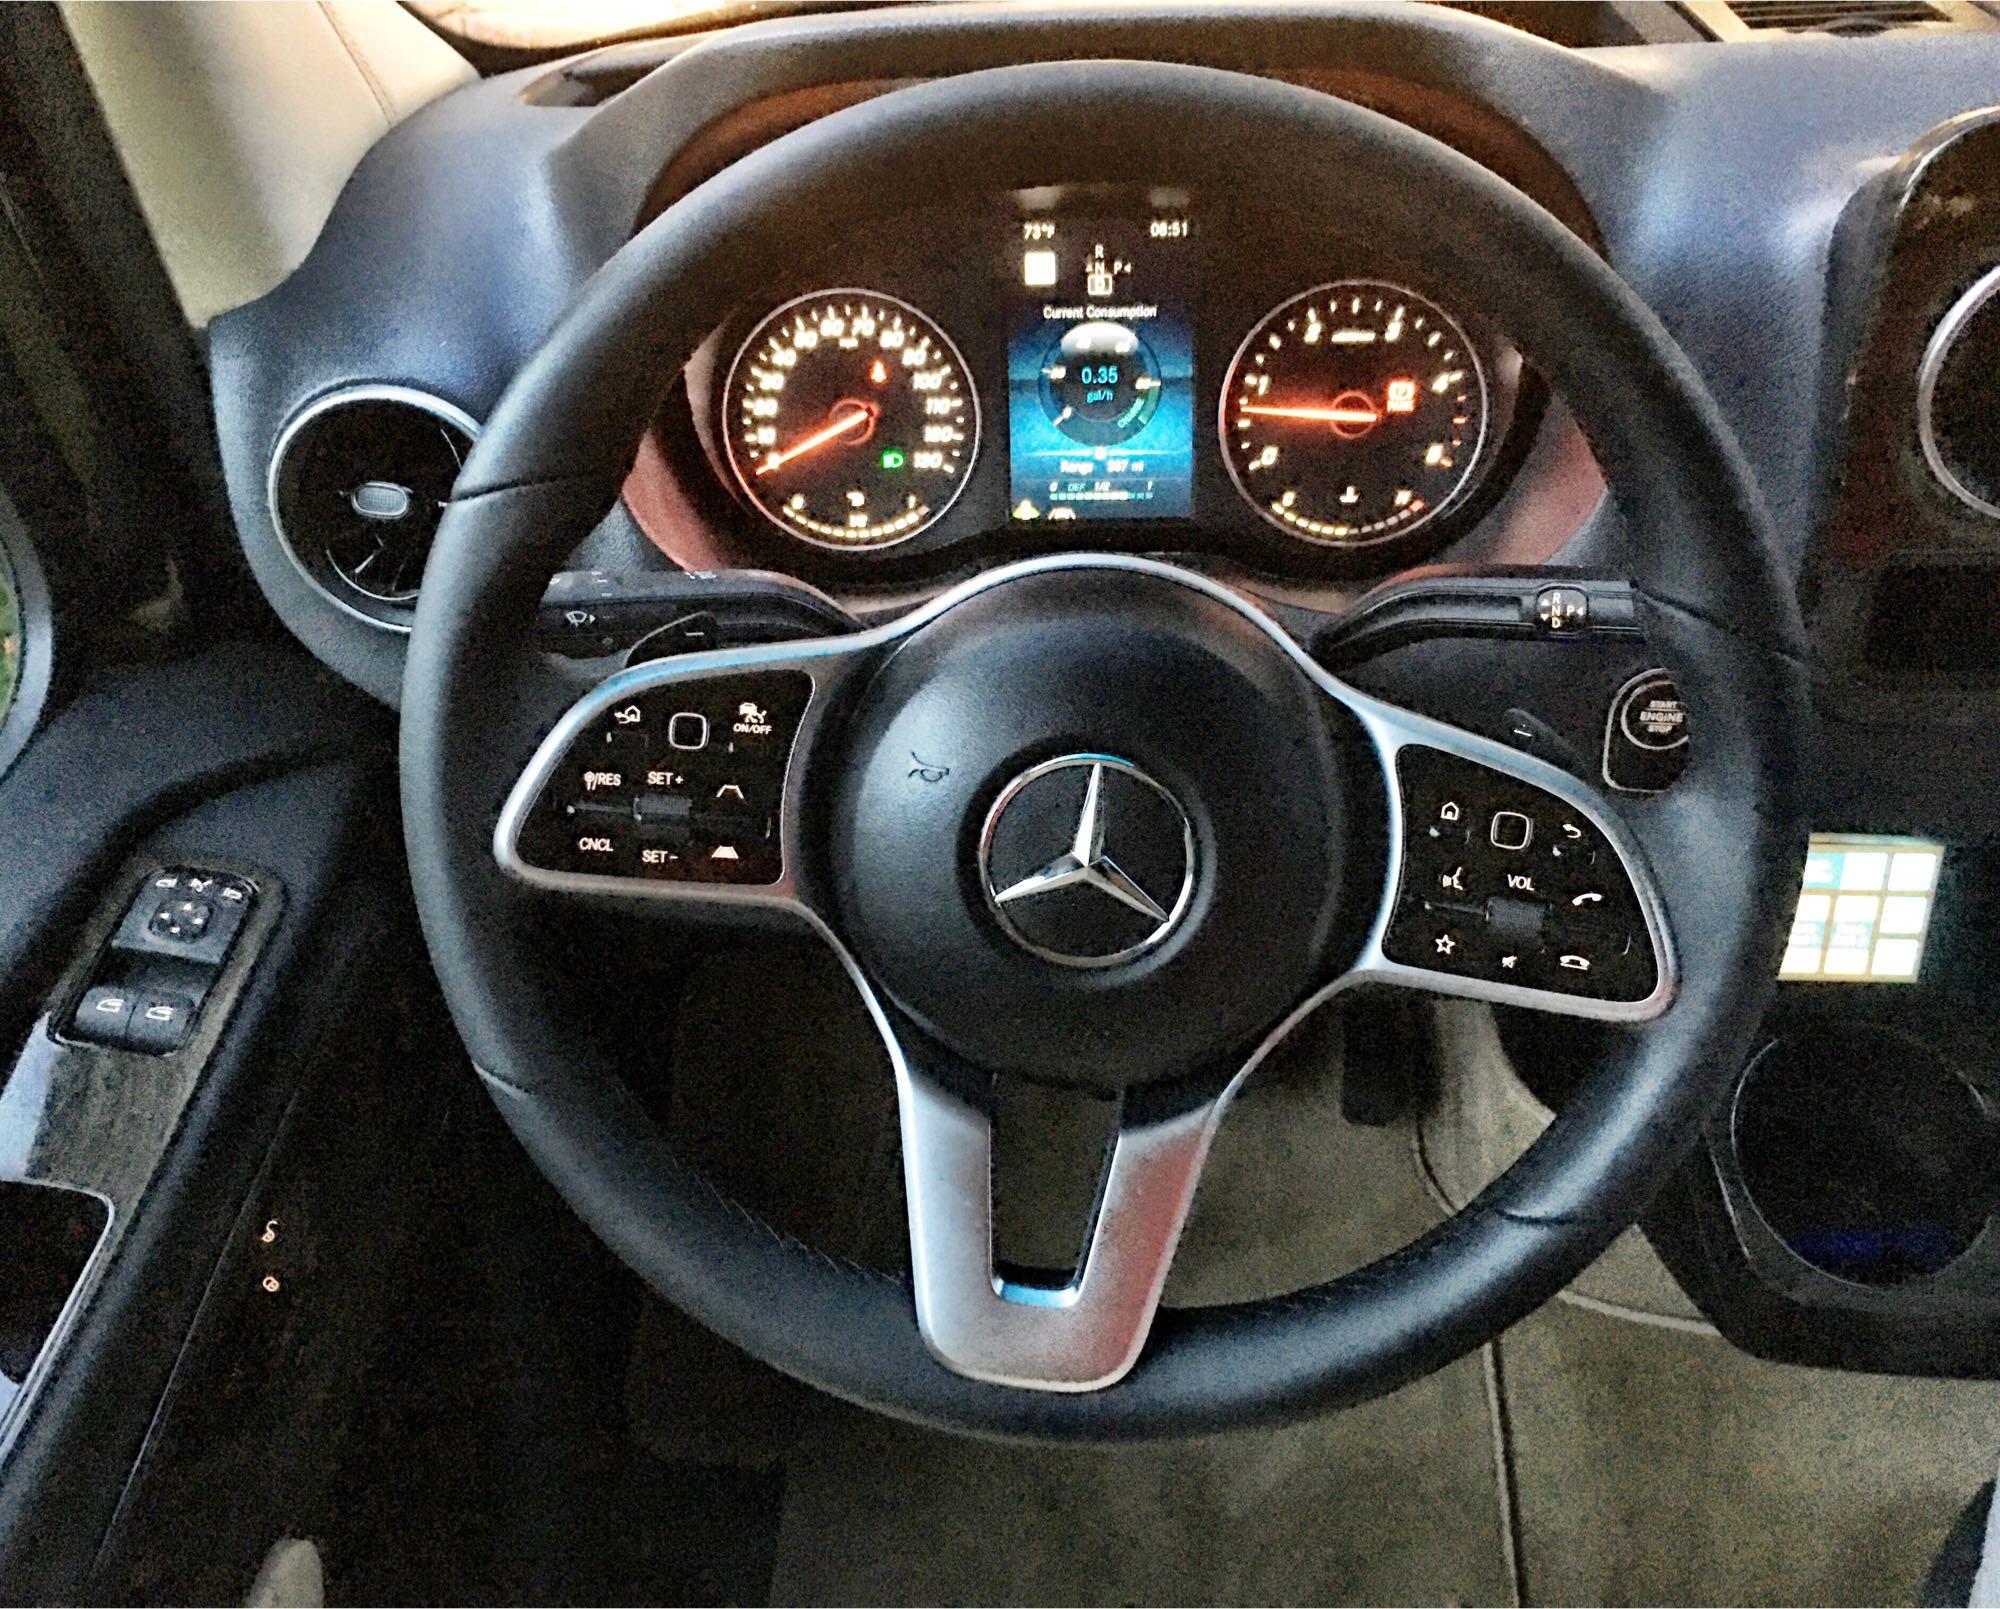 Premium soft leather steering wheel. Mercedes Sprinter: Midwest Automotive Design Sprinter 2020